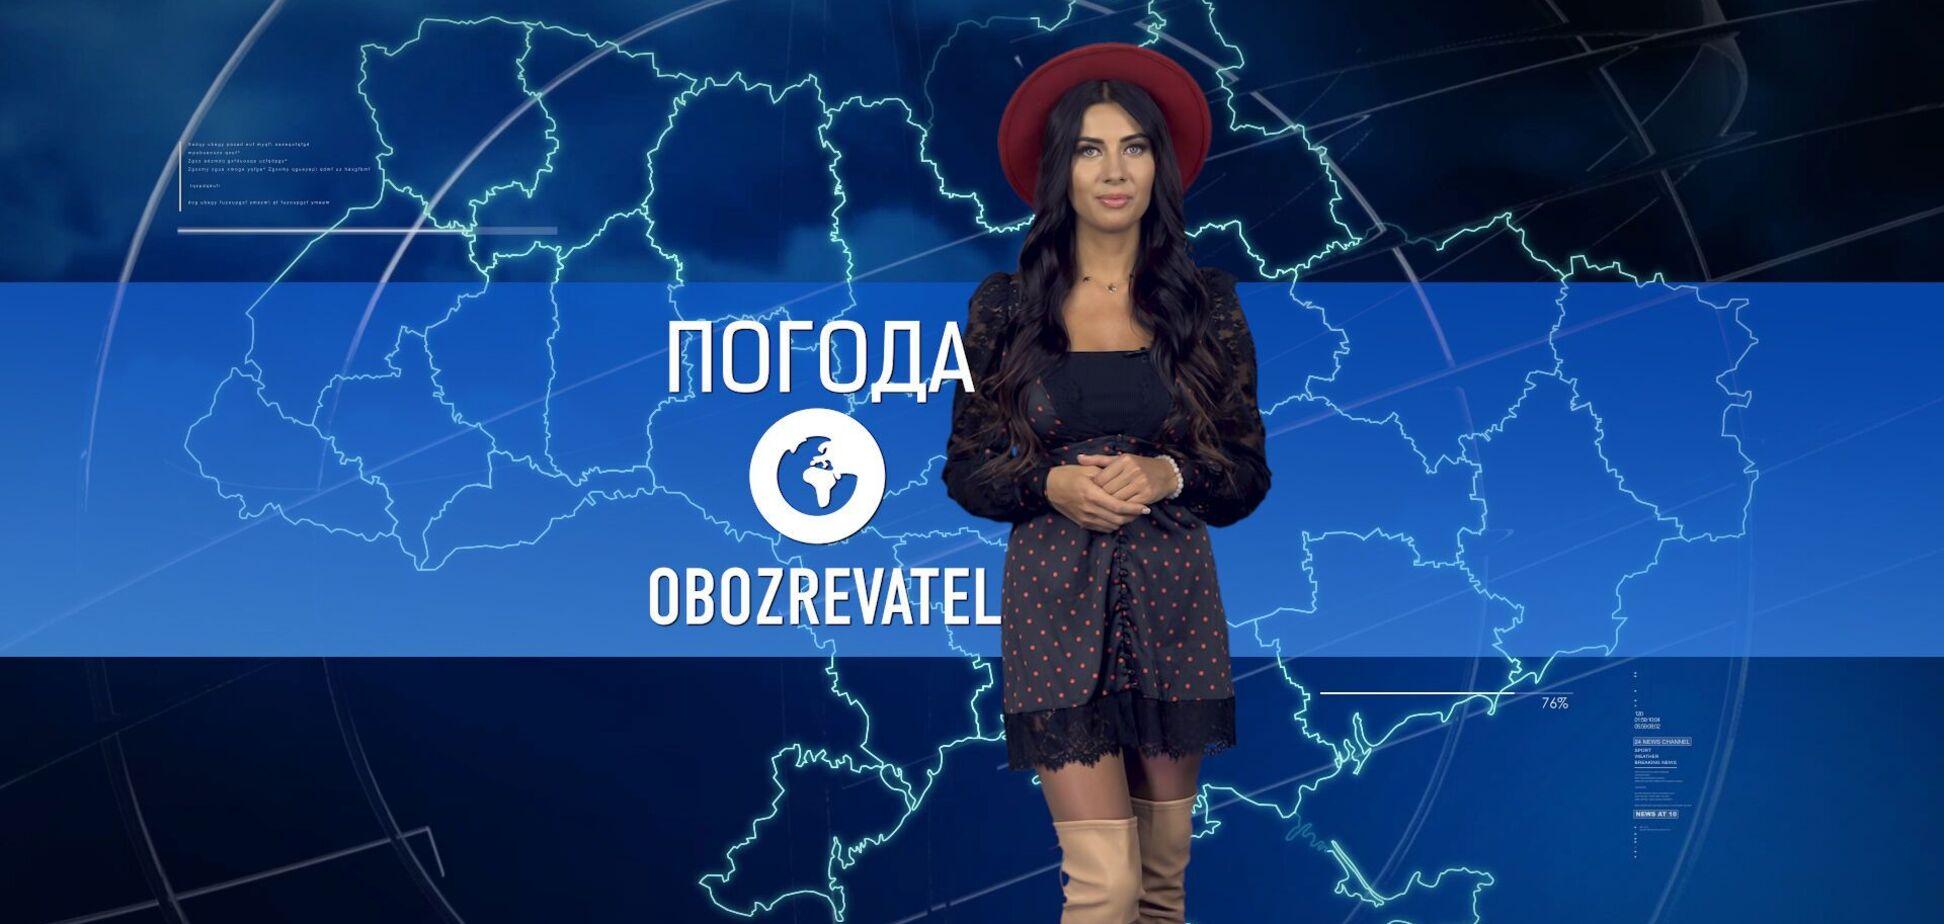 Прогноз погоди в Україні на неділю 3 січня, з Алісою Мярковською